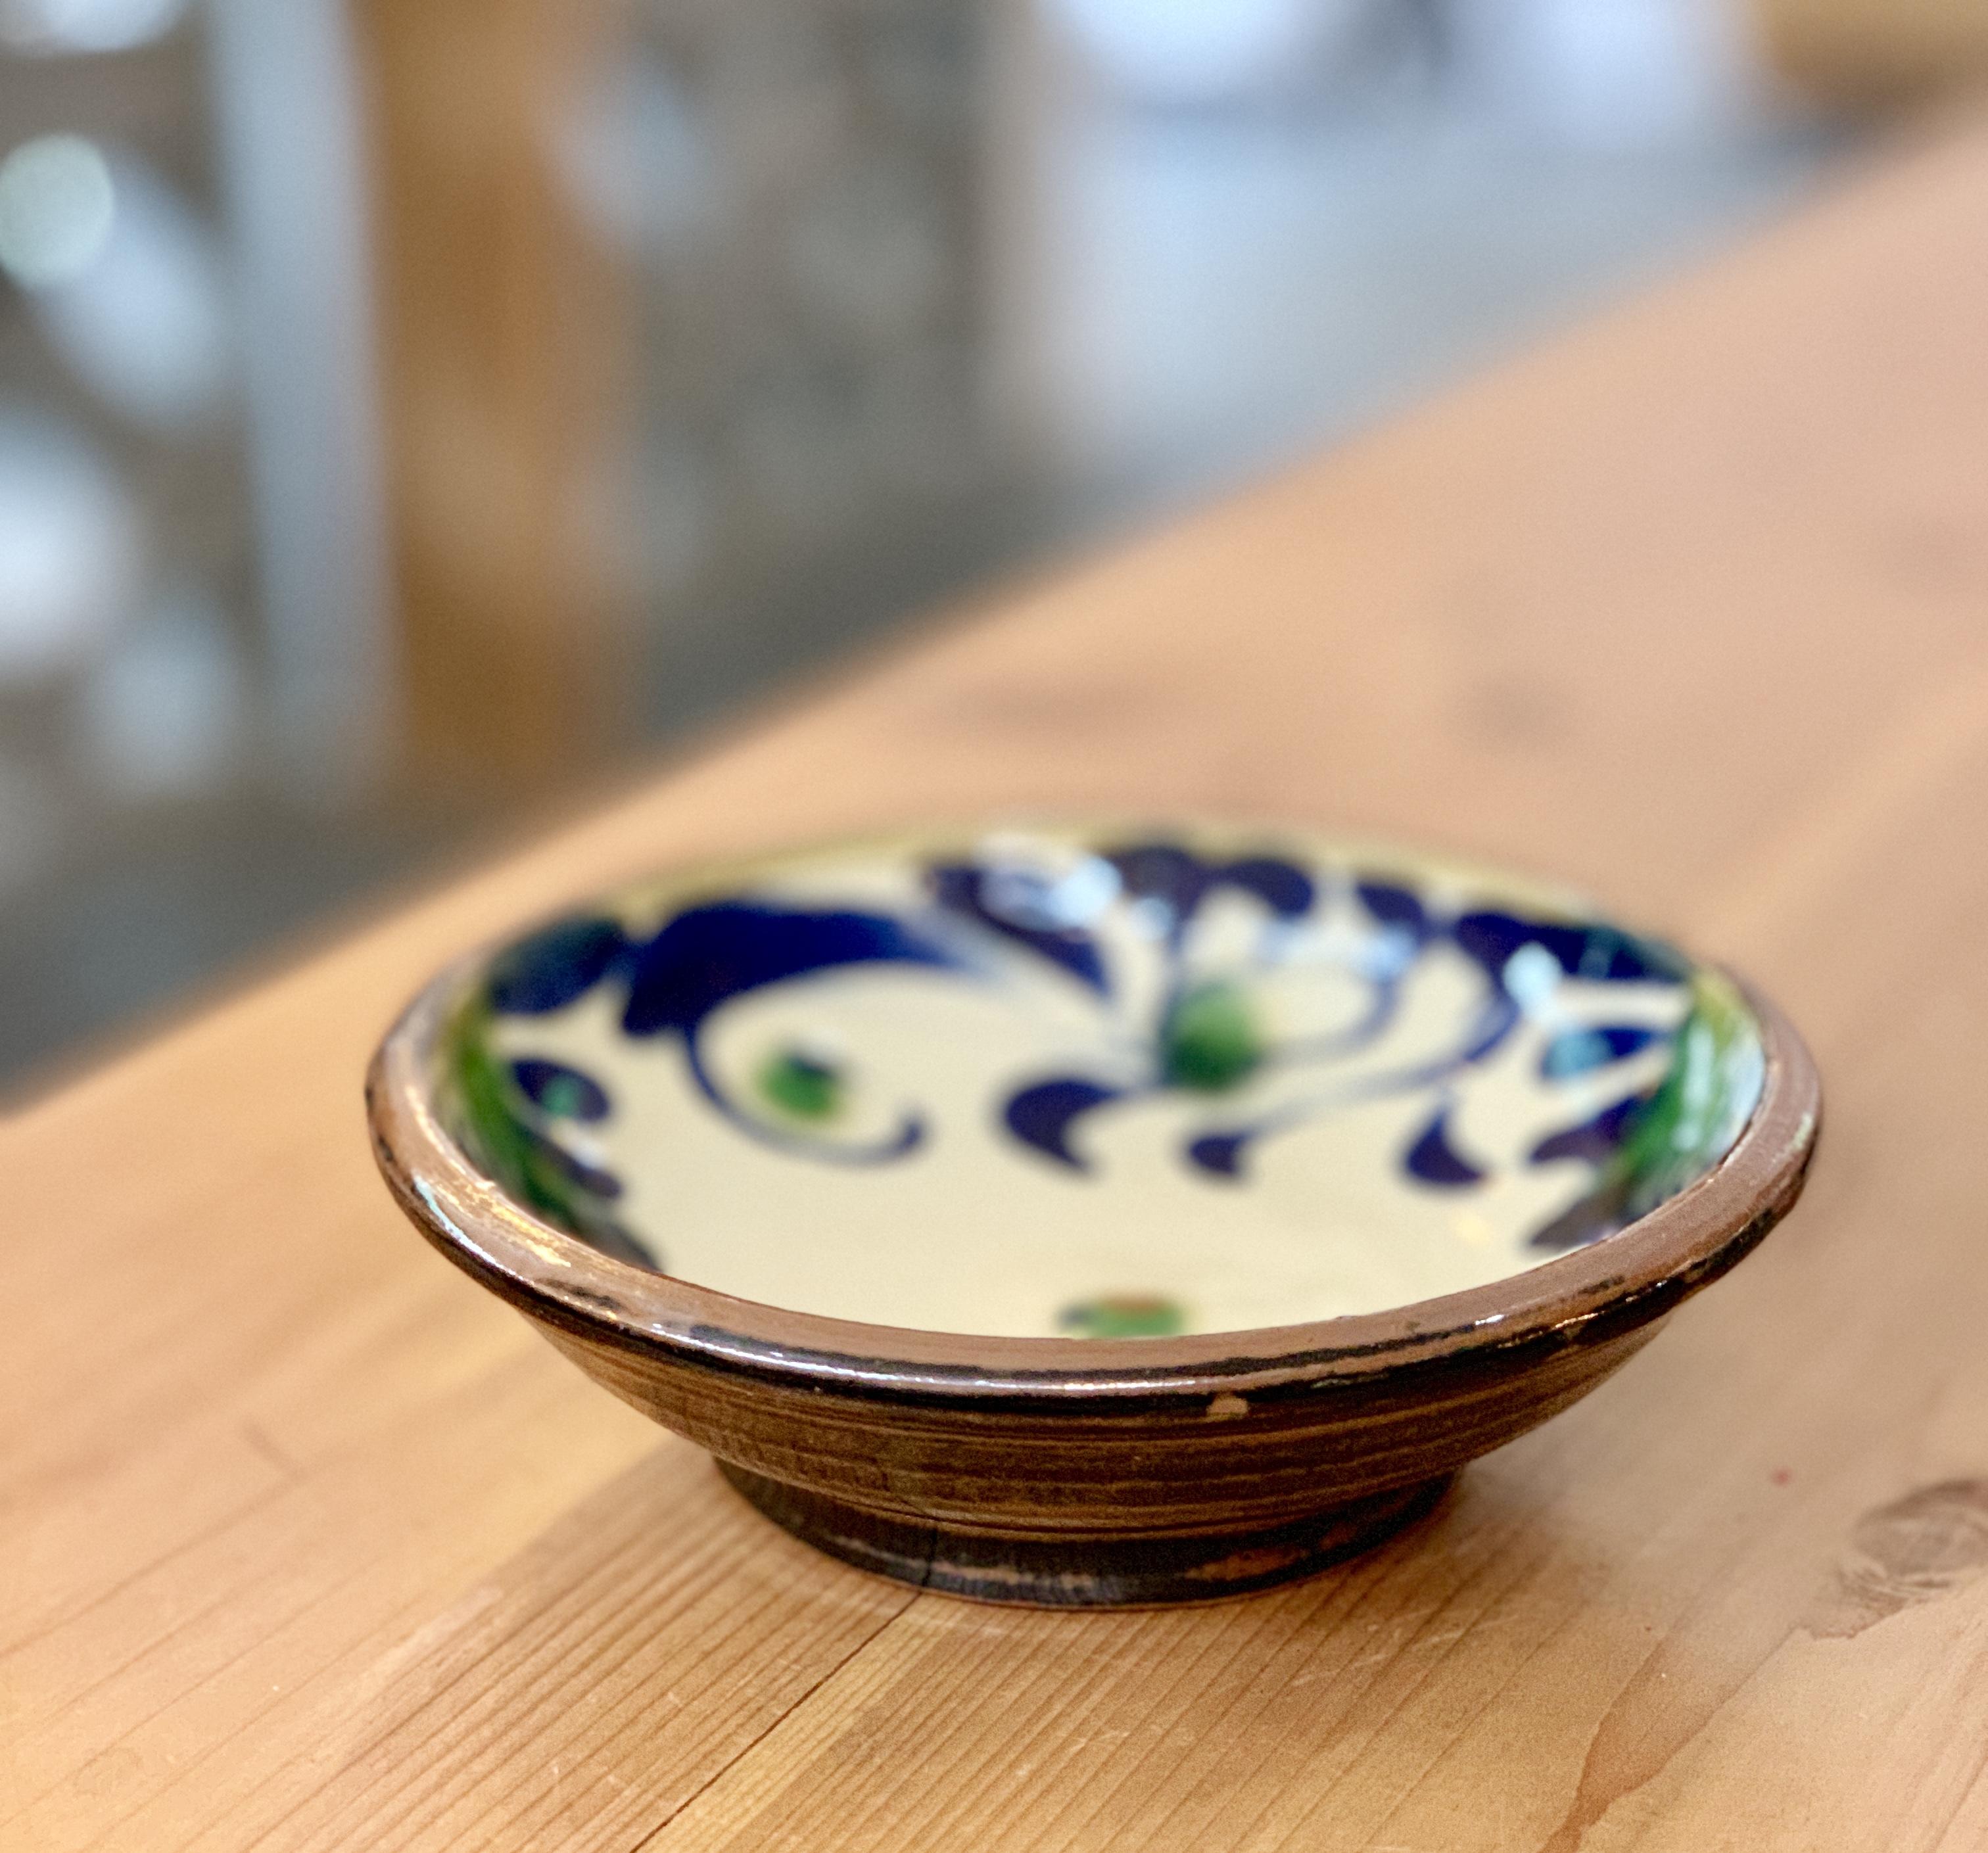 6寸 鉢 福田陶器 (唐草模様)